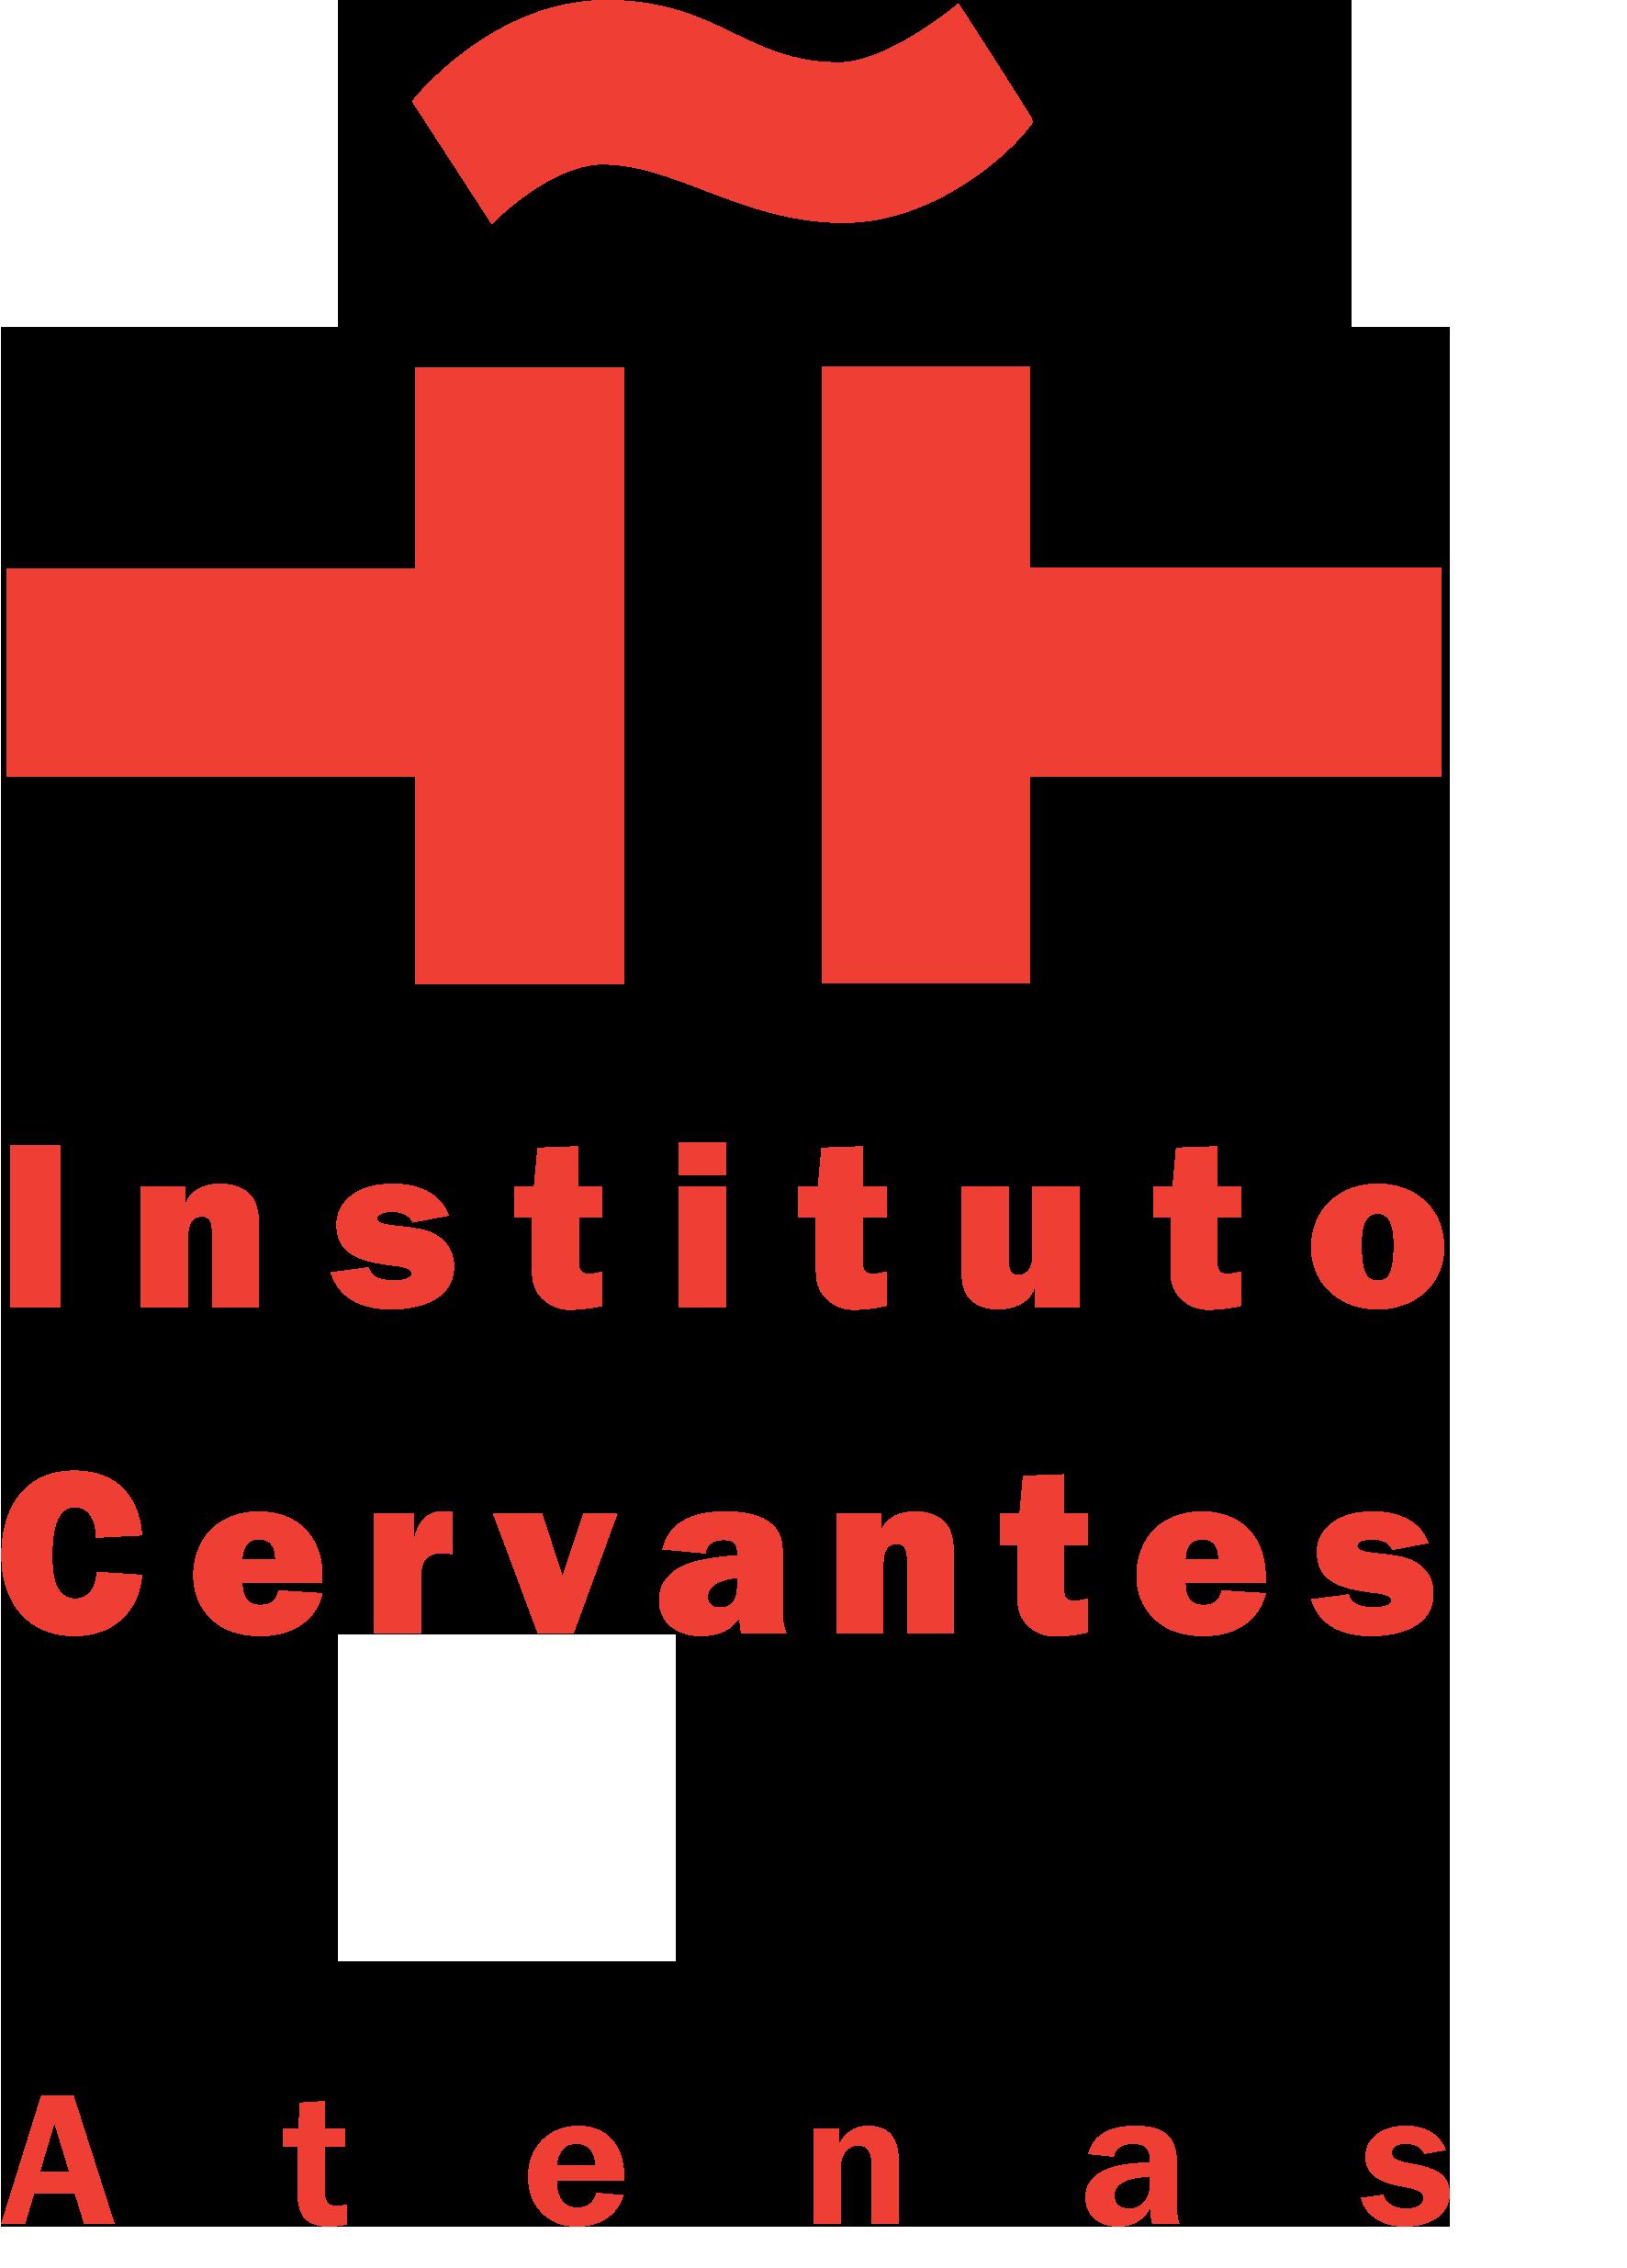 λογότυπο Ινστιτούτου θερβάντες